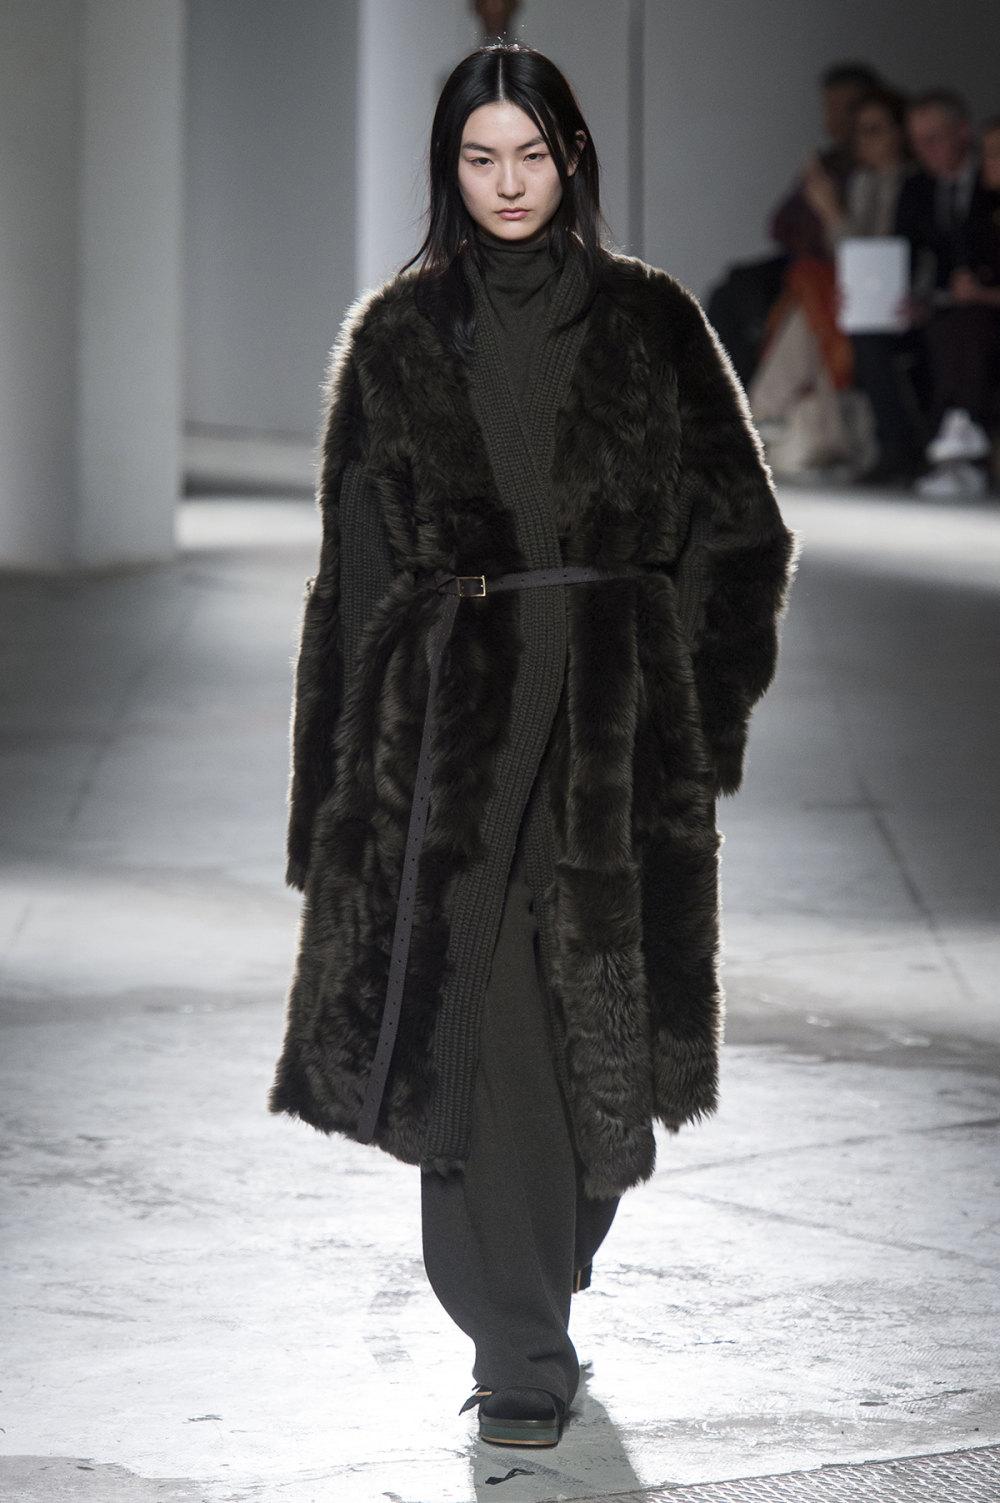 Agnona时装系列有纹理外套长而瘦有些穿着浴袍宽腿裤套装有巧克力-22.jpg